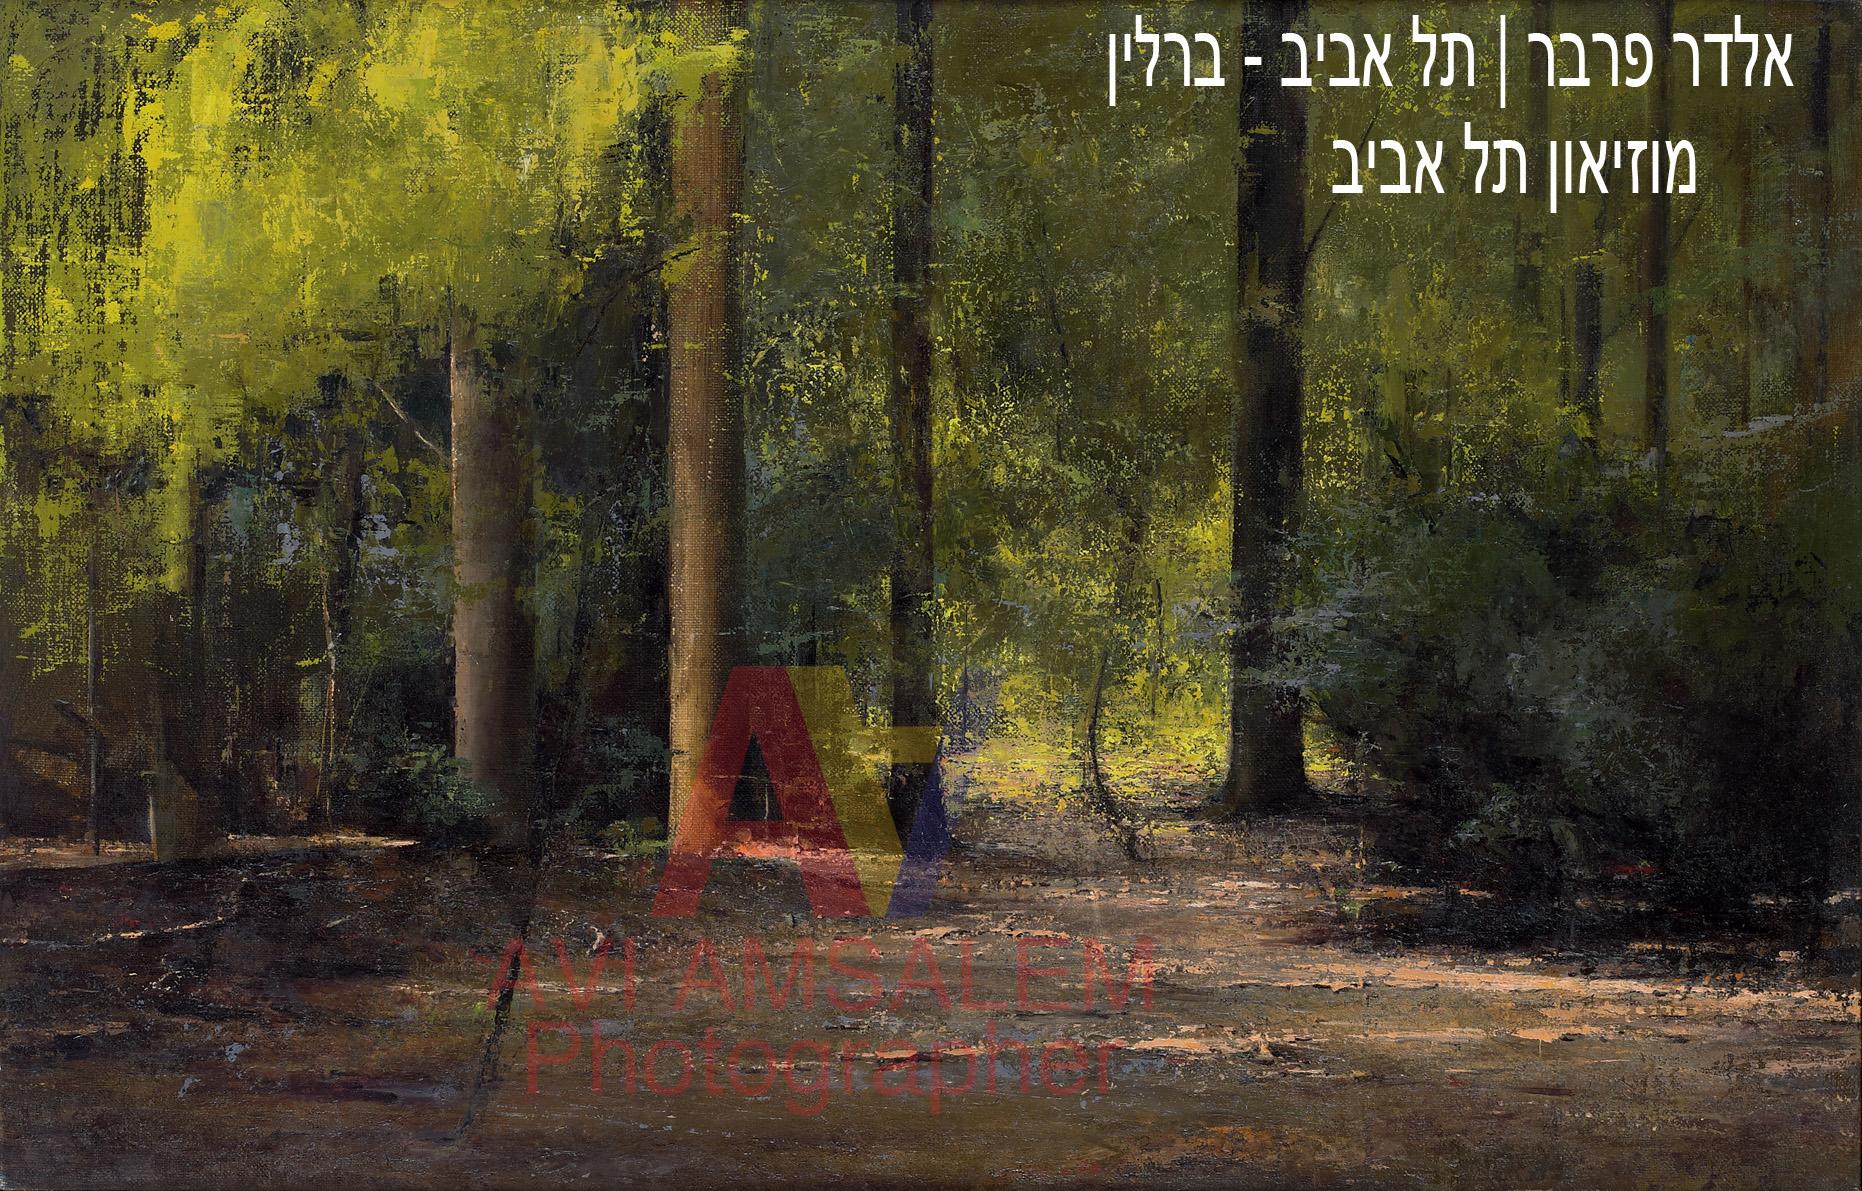 צילום ציורים.124